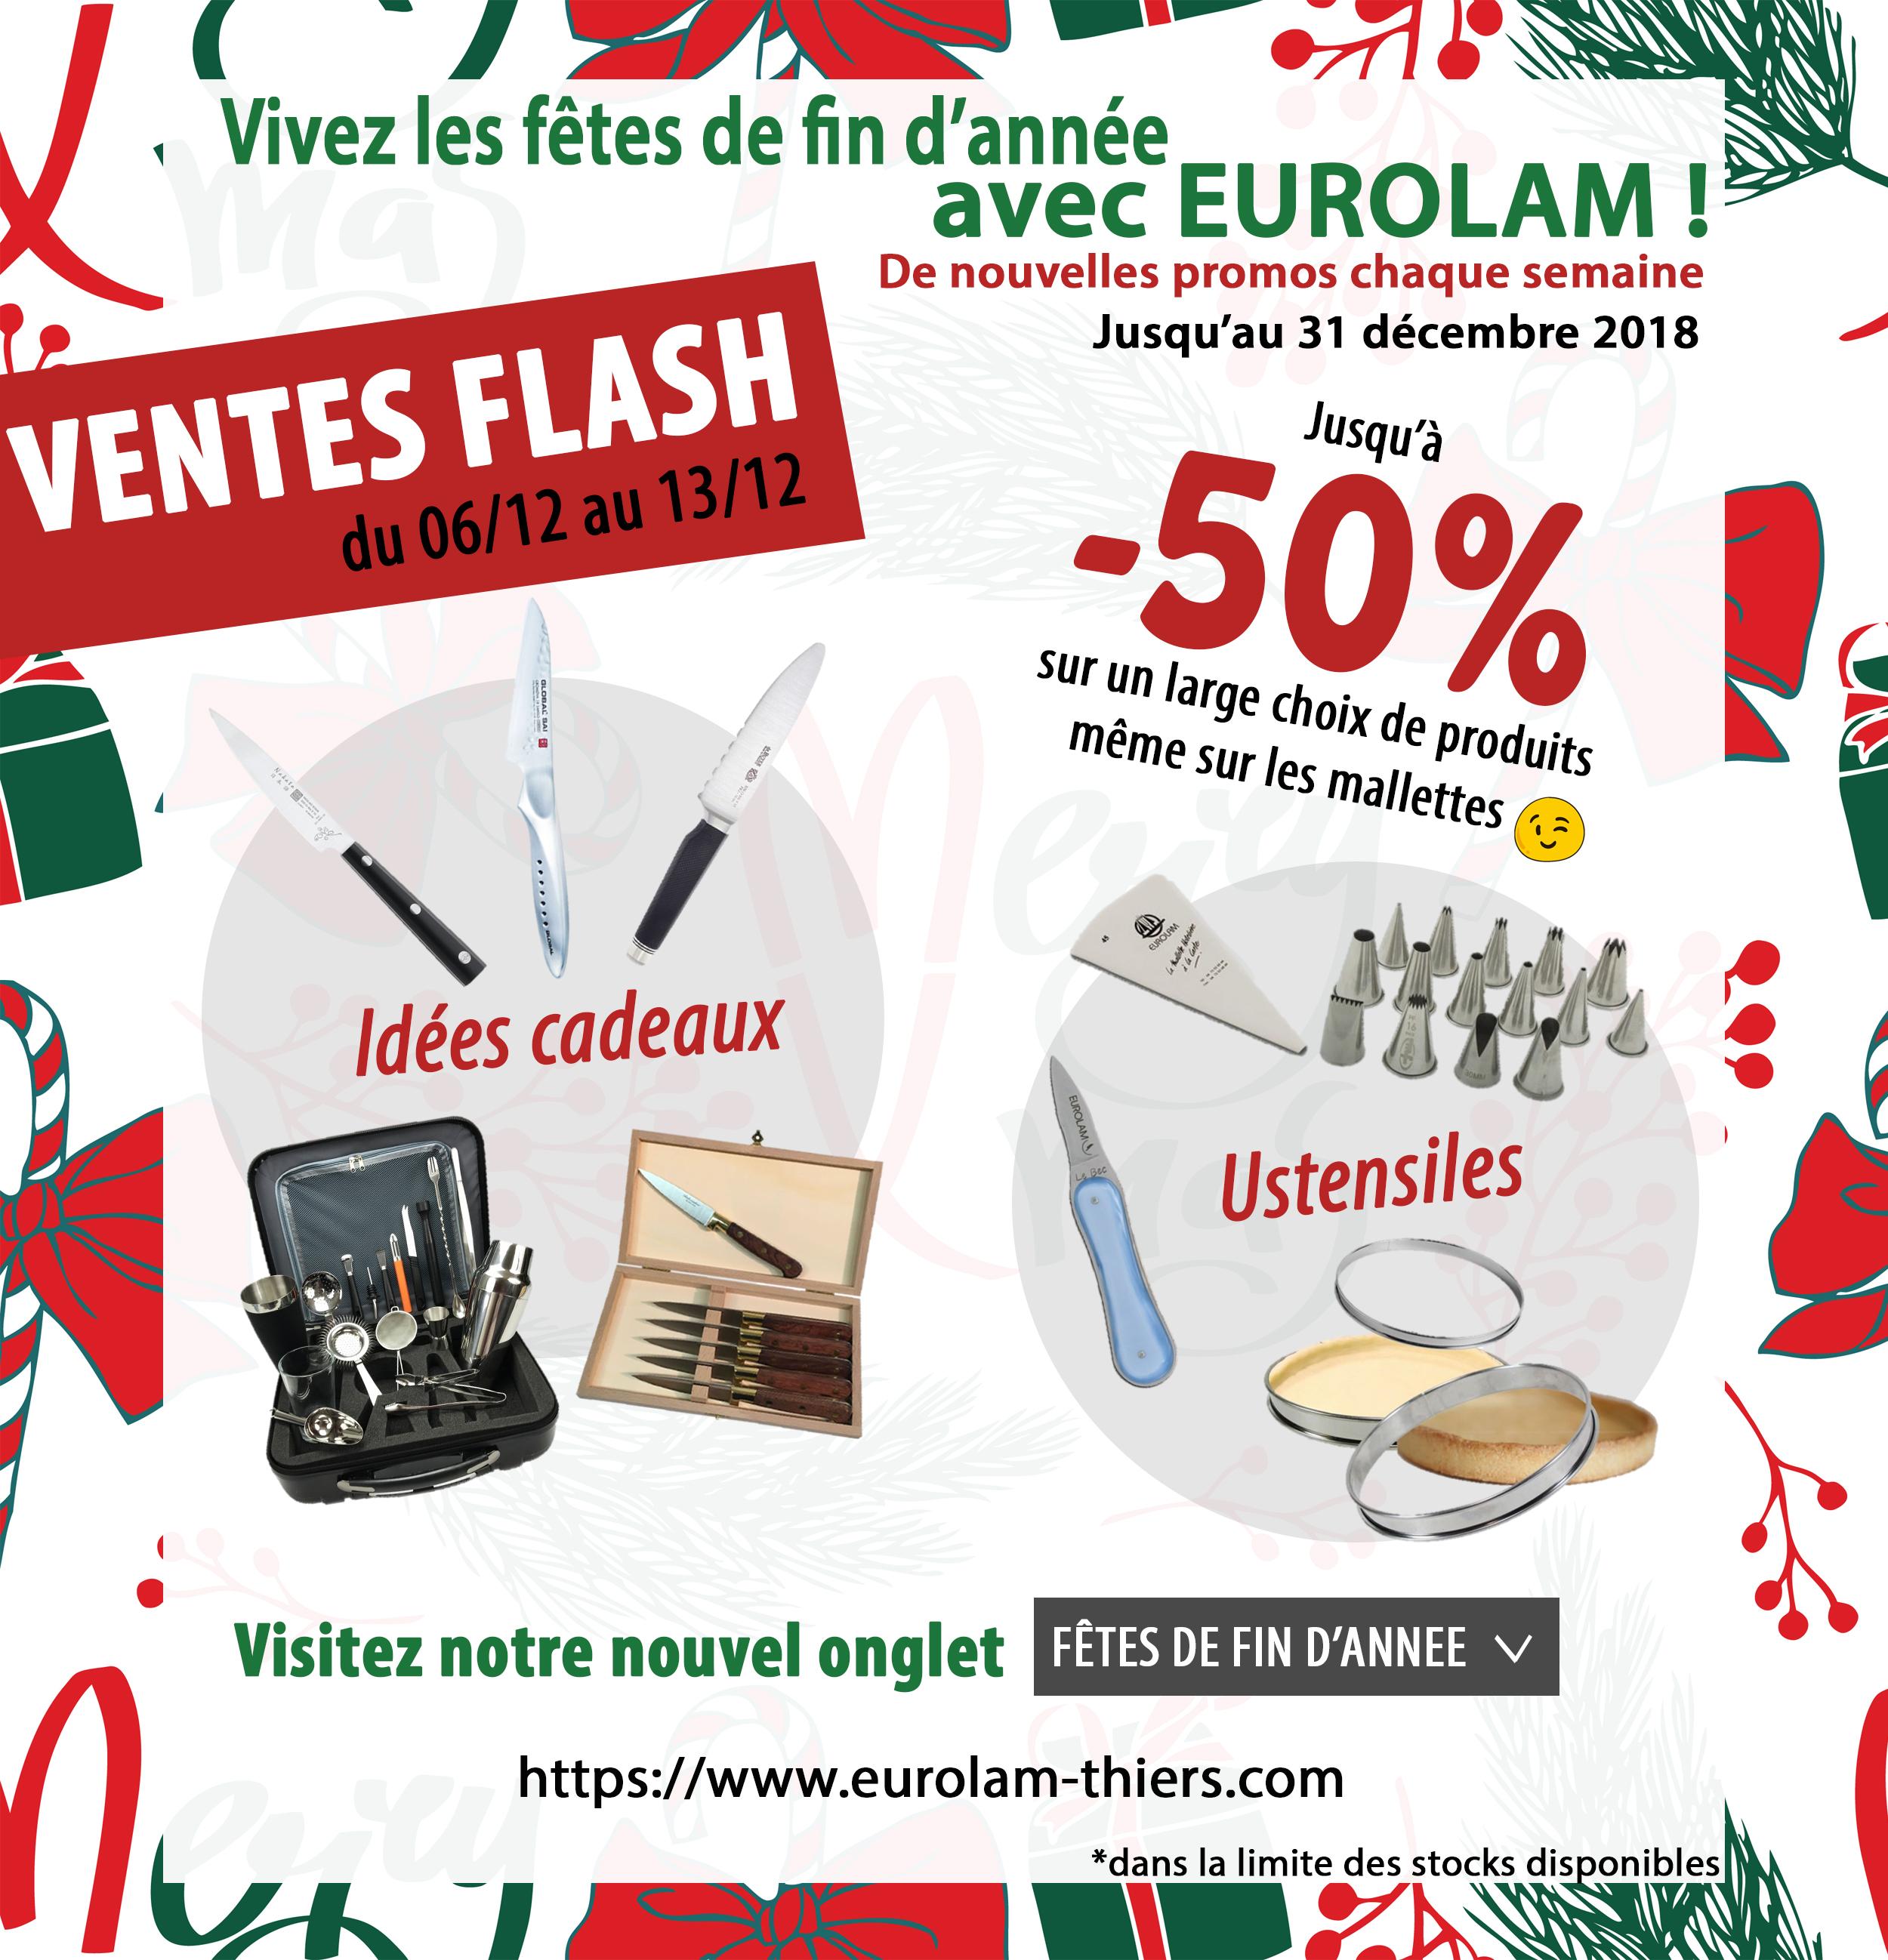 Les fêtes de fin d'année avec EUROLAM !